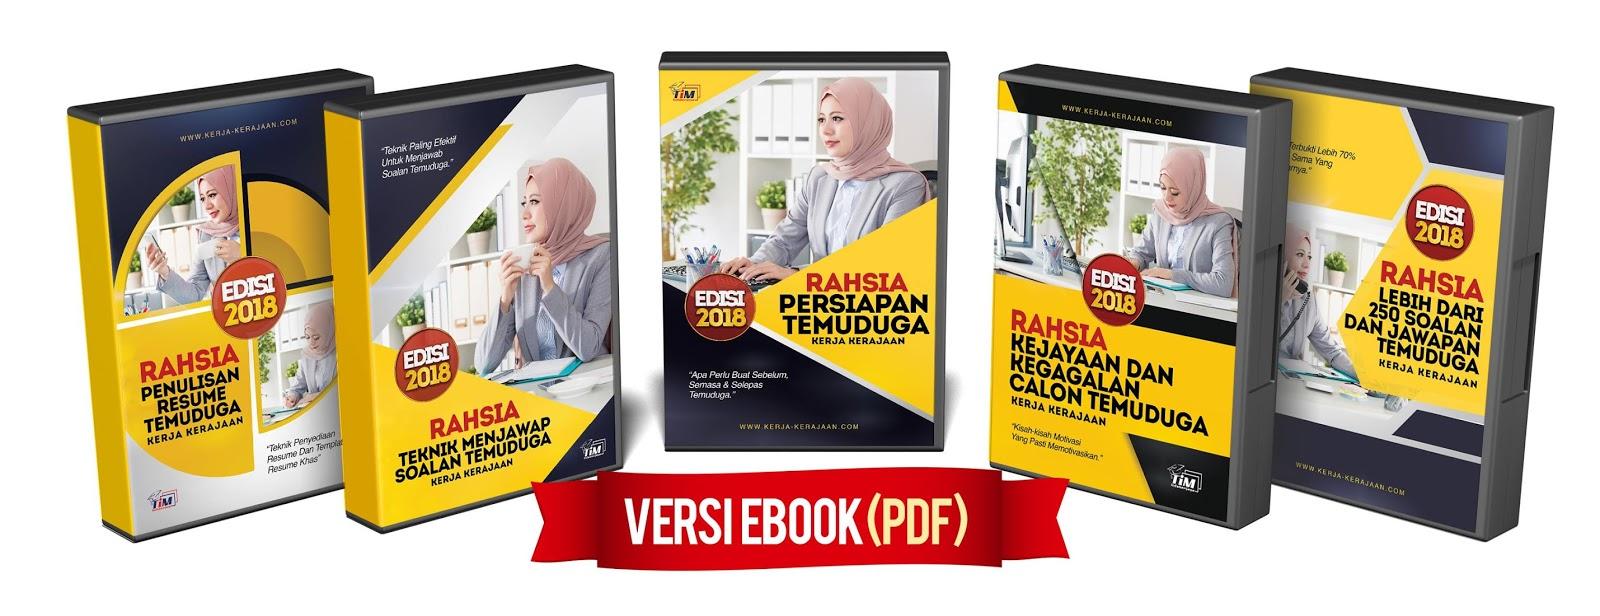 3 Maklumat Wajib Untuk Temuduga Kerajaan Panduan Temuduga Dan Exam